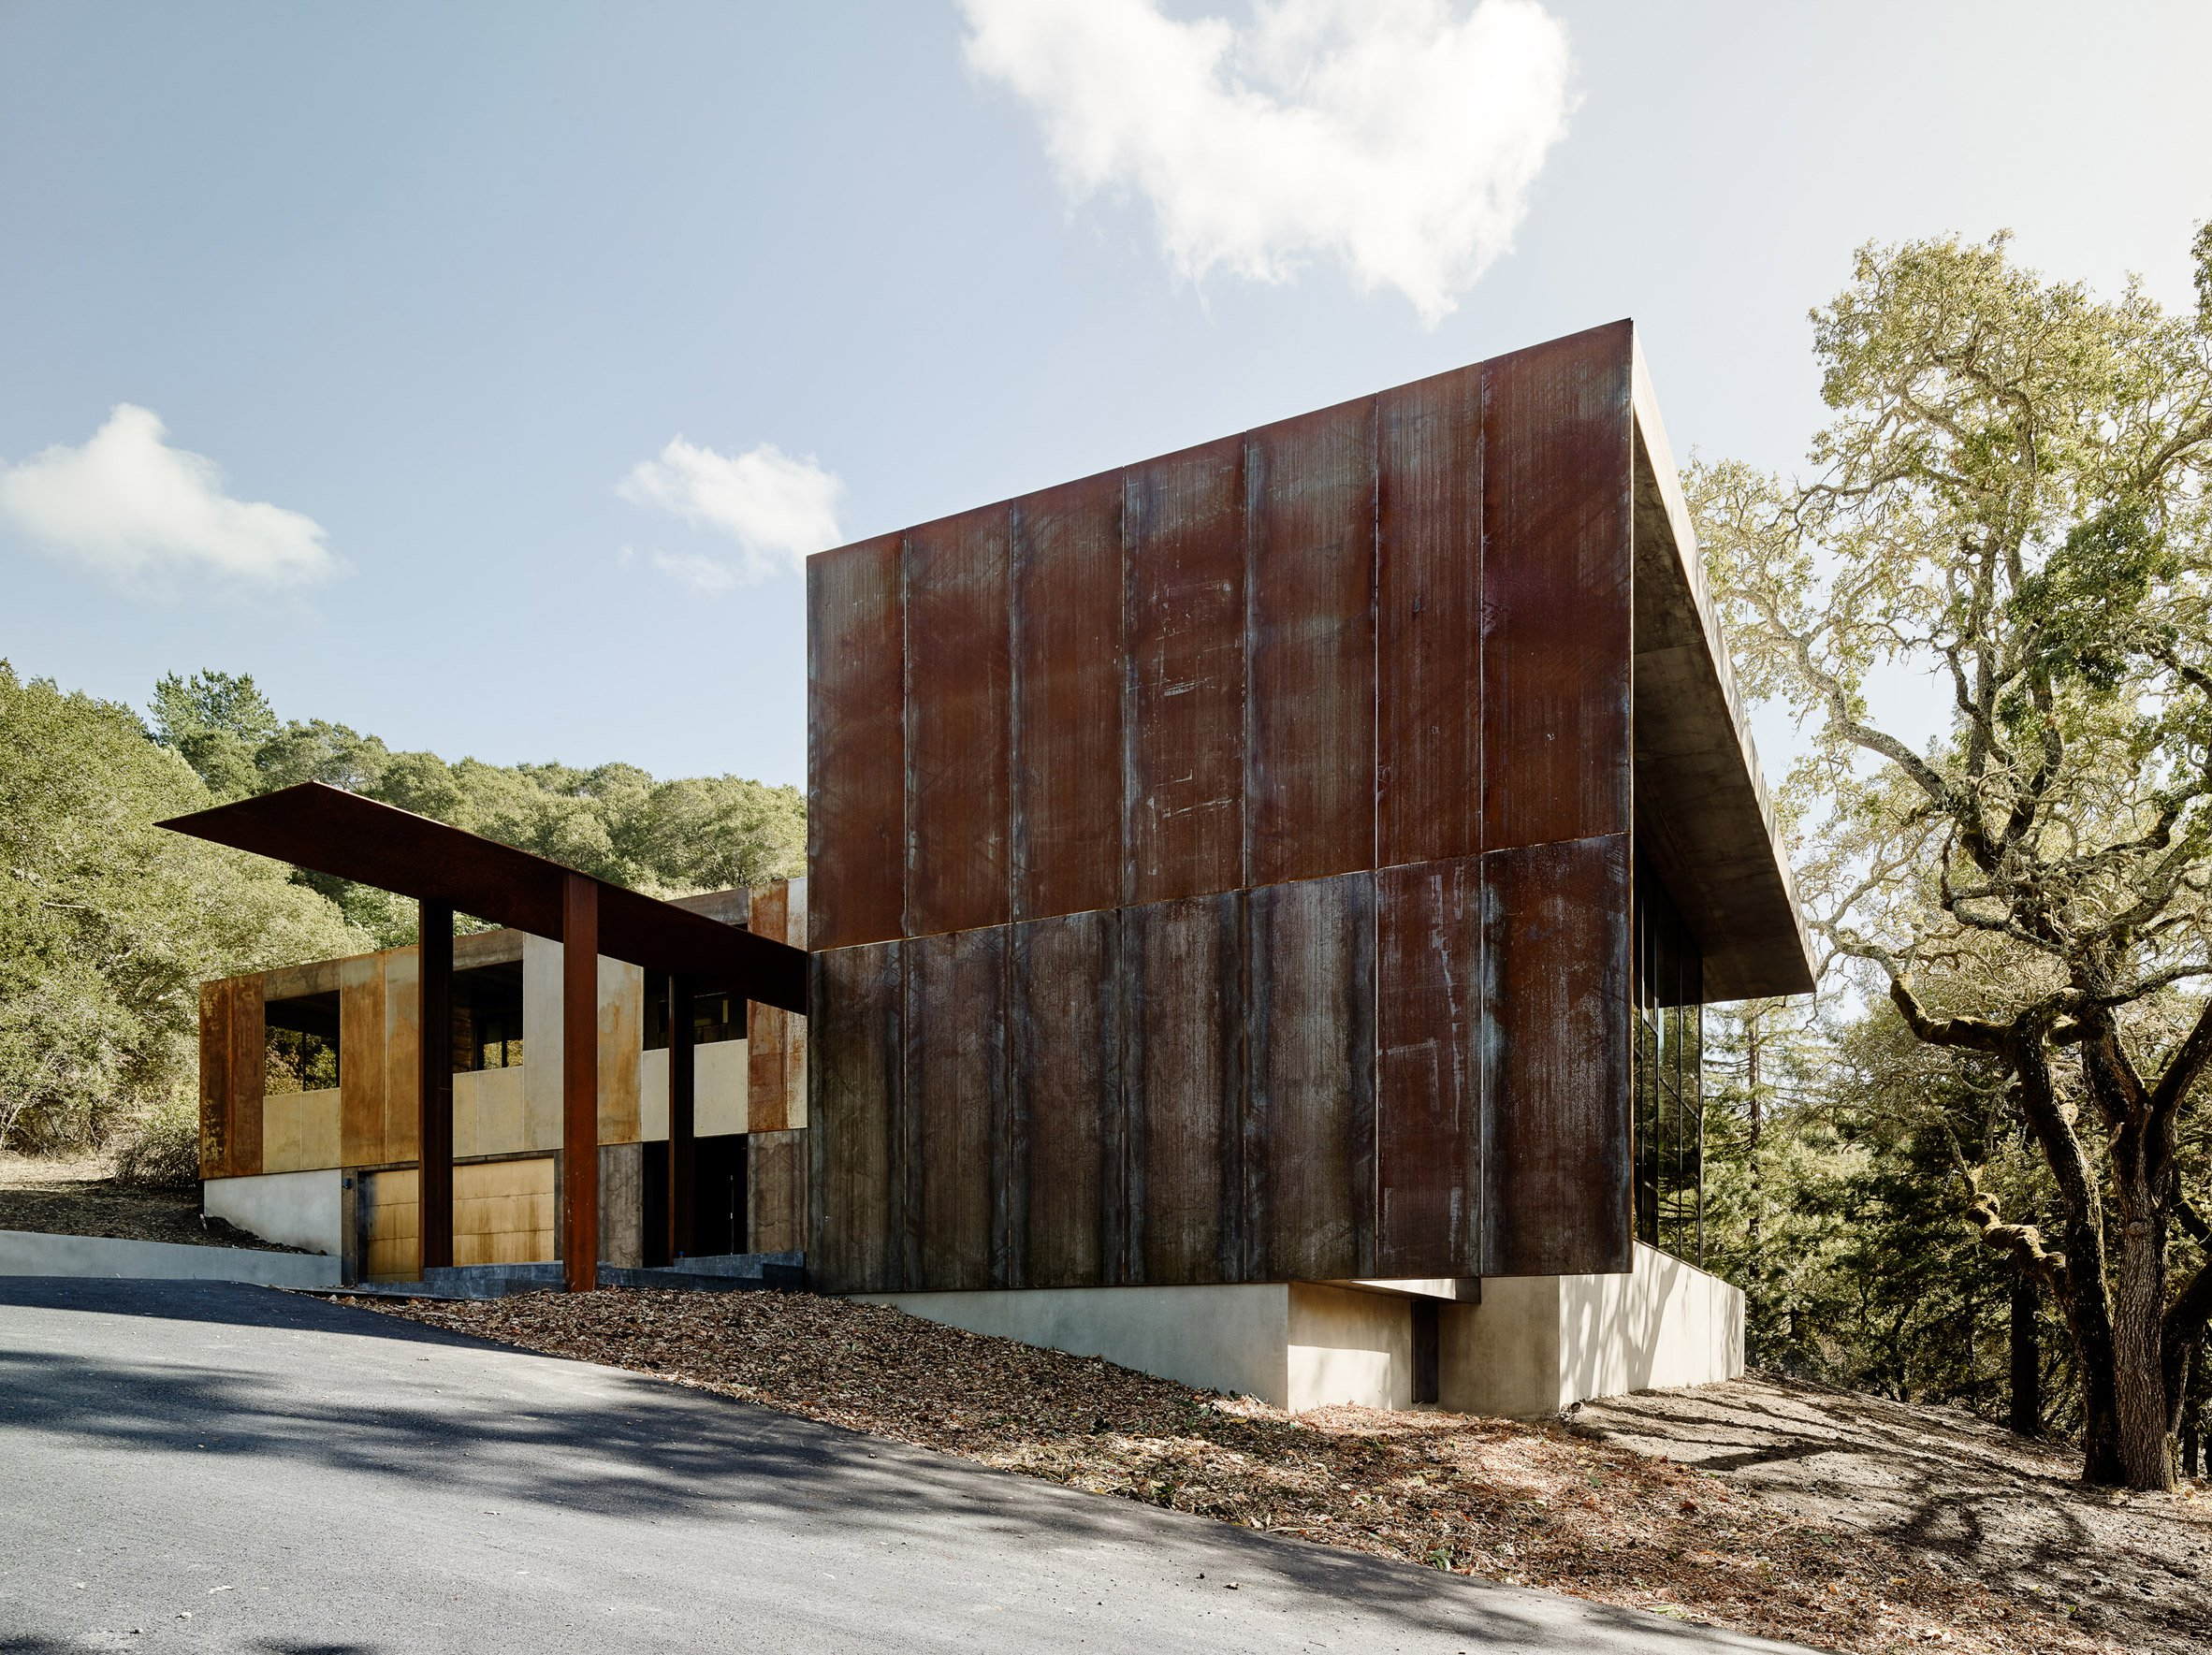 Gli architetti hanno mescolato il legno tradizionale con l'acciaio Corten, un tipo di acciaio resistente alle intemperie / Joe Fletcher Photography